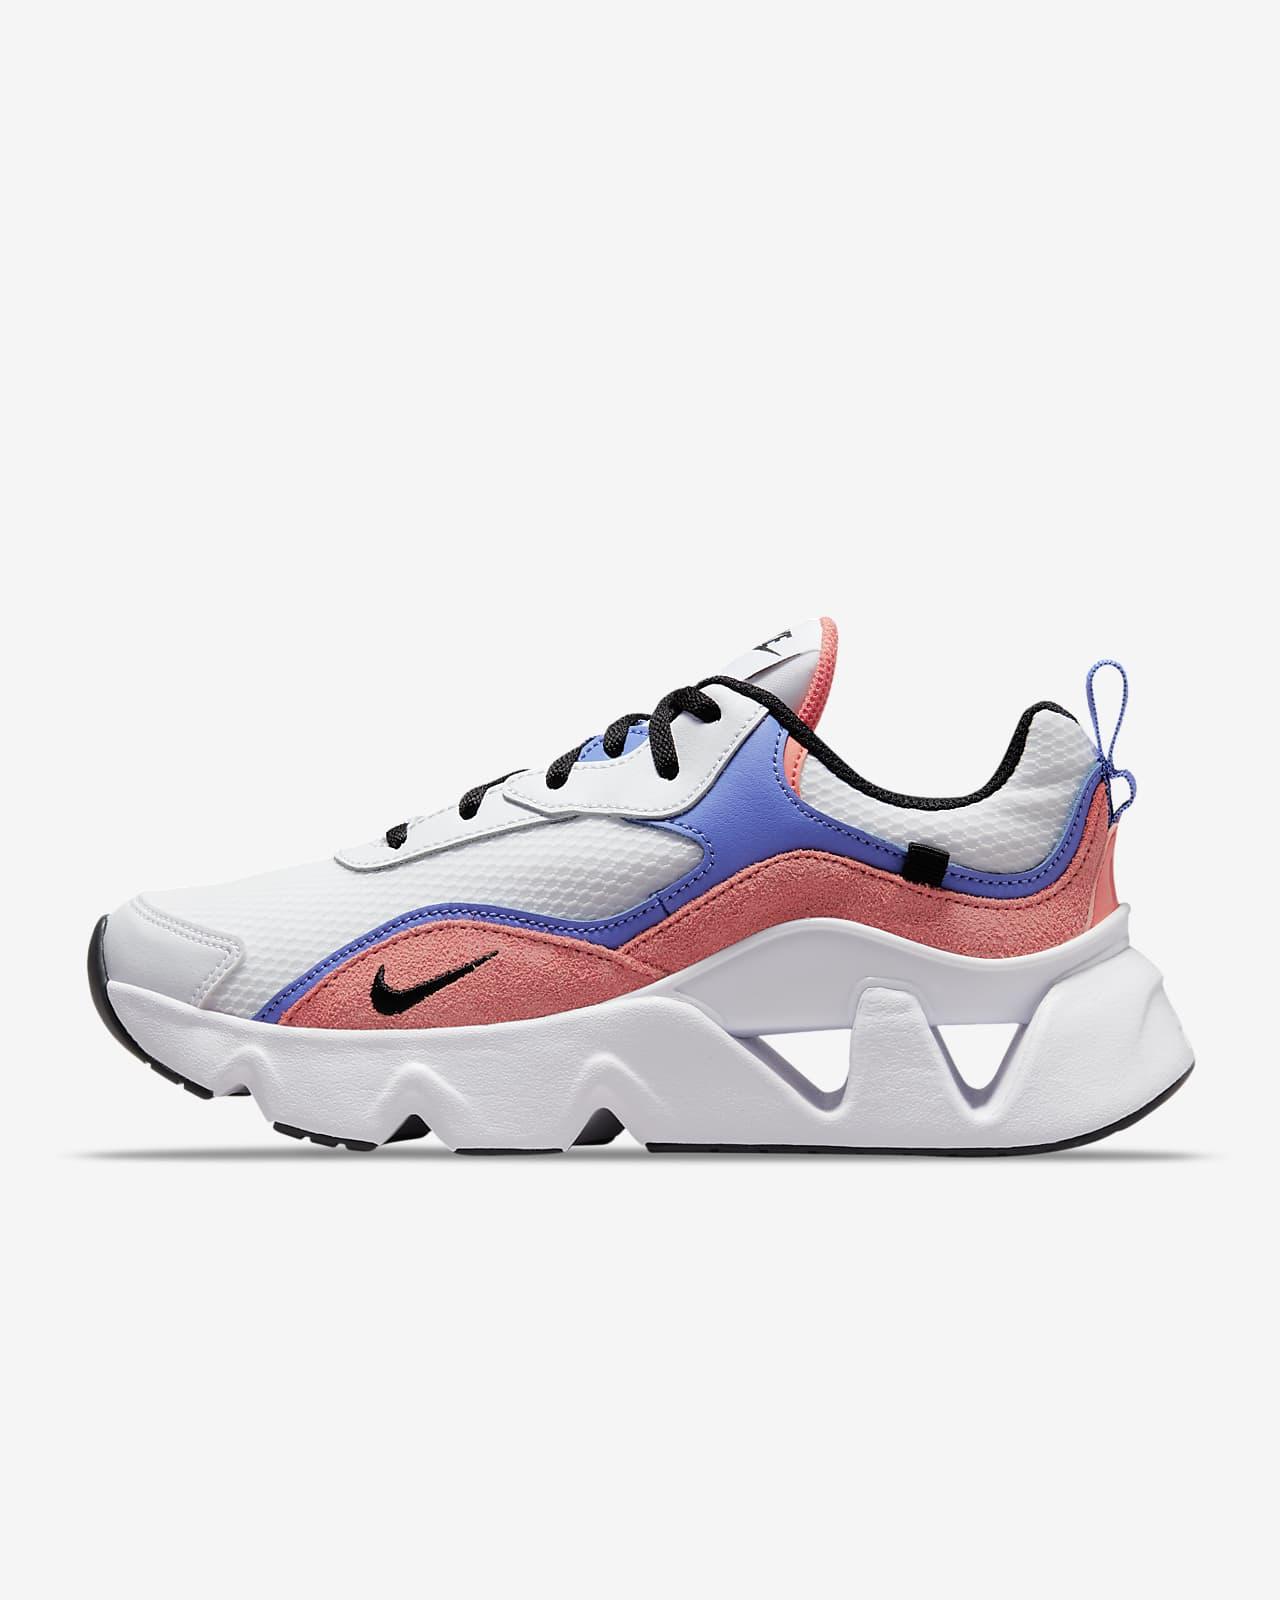 Nike Ryz 365 2 Women's Shoes